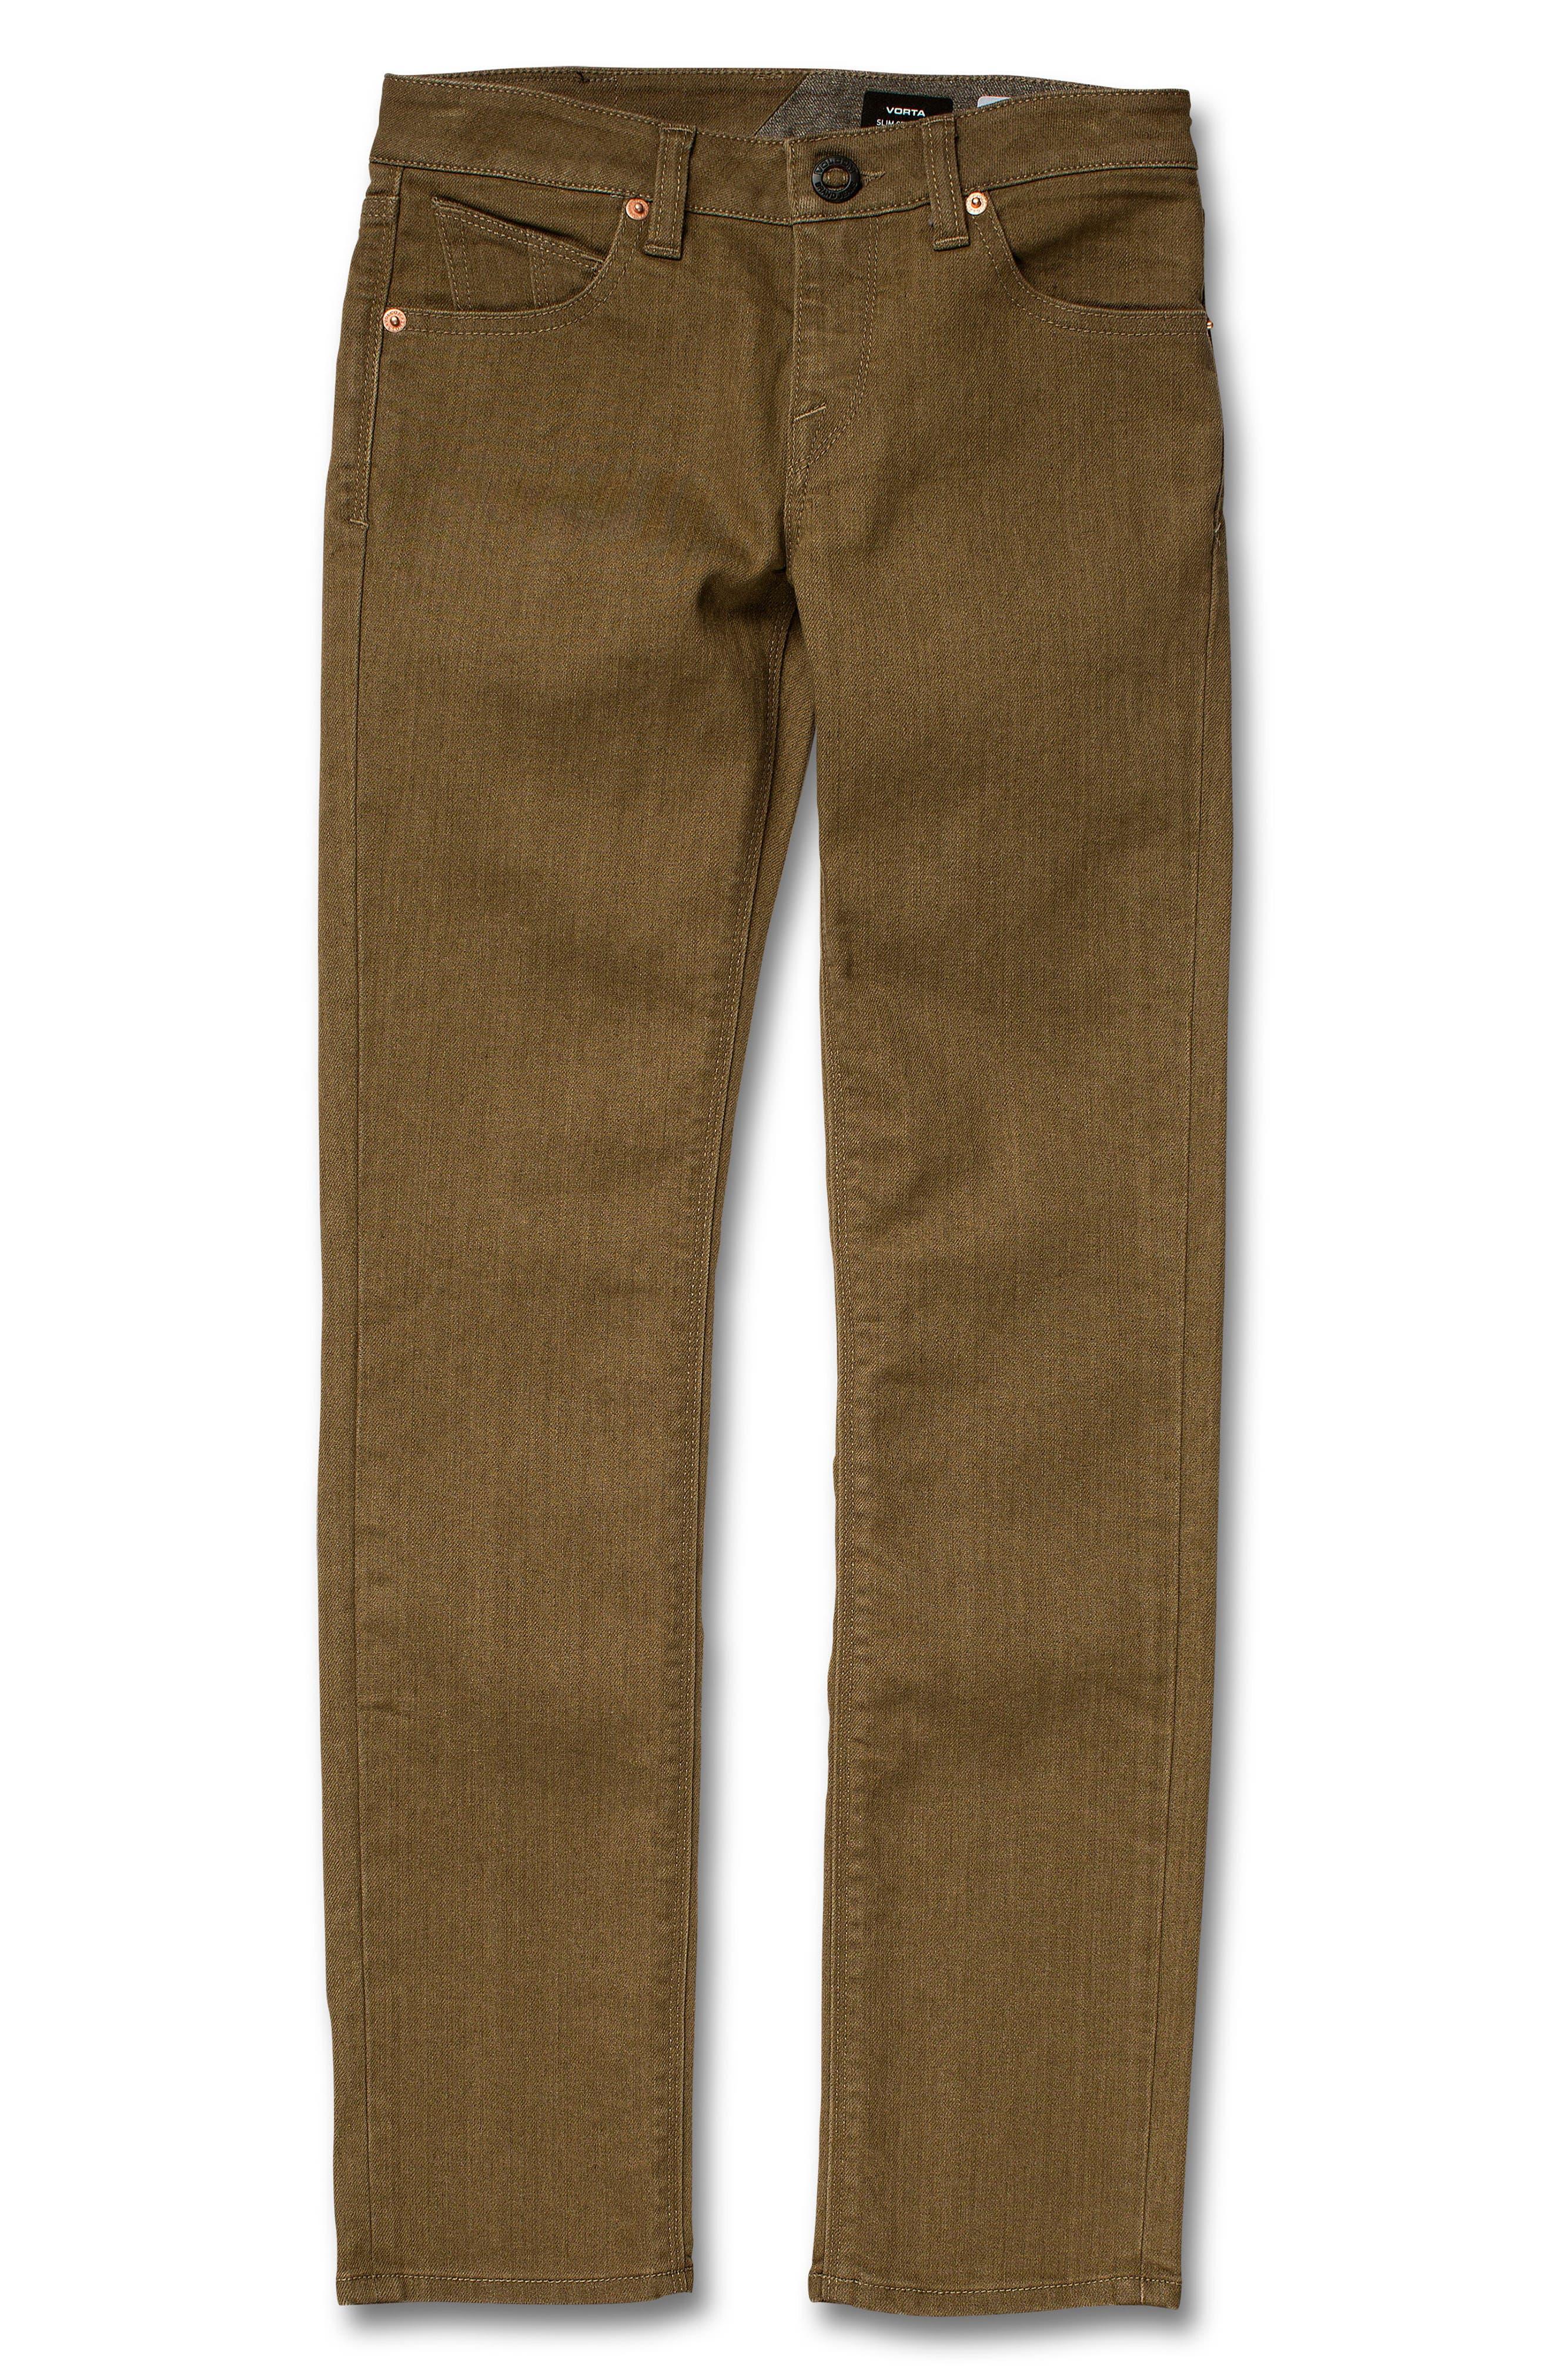 Vorta Slim Fit Jeans,                         Main,                         color, WET SAND